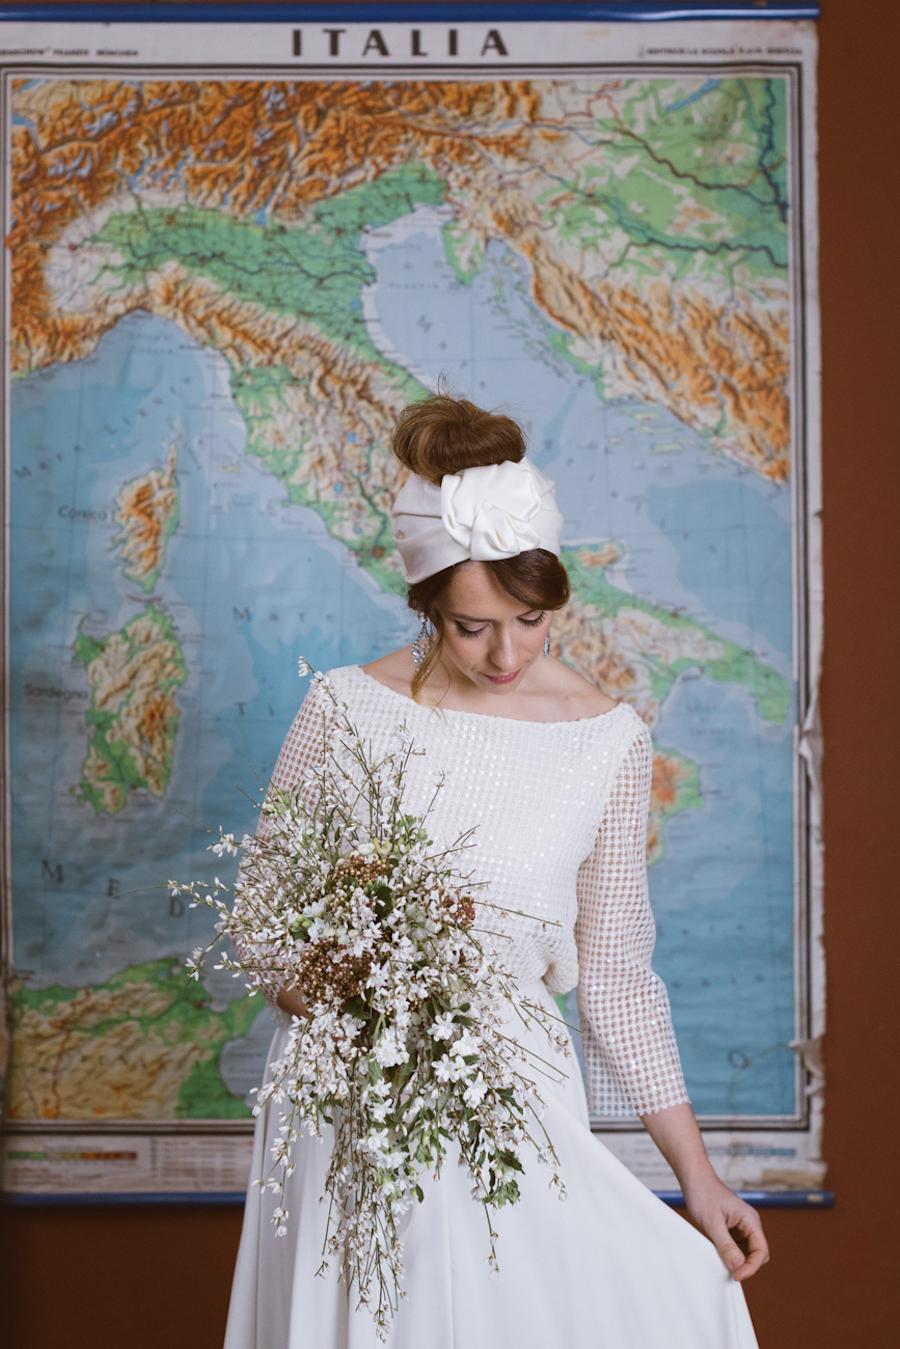 sposa anni '70 con turbante